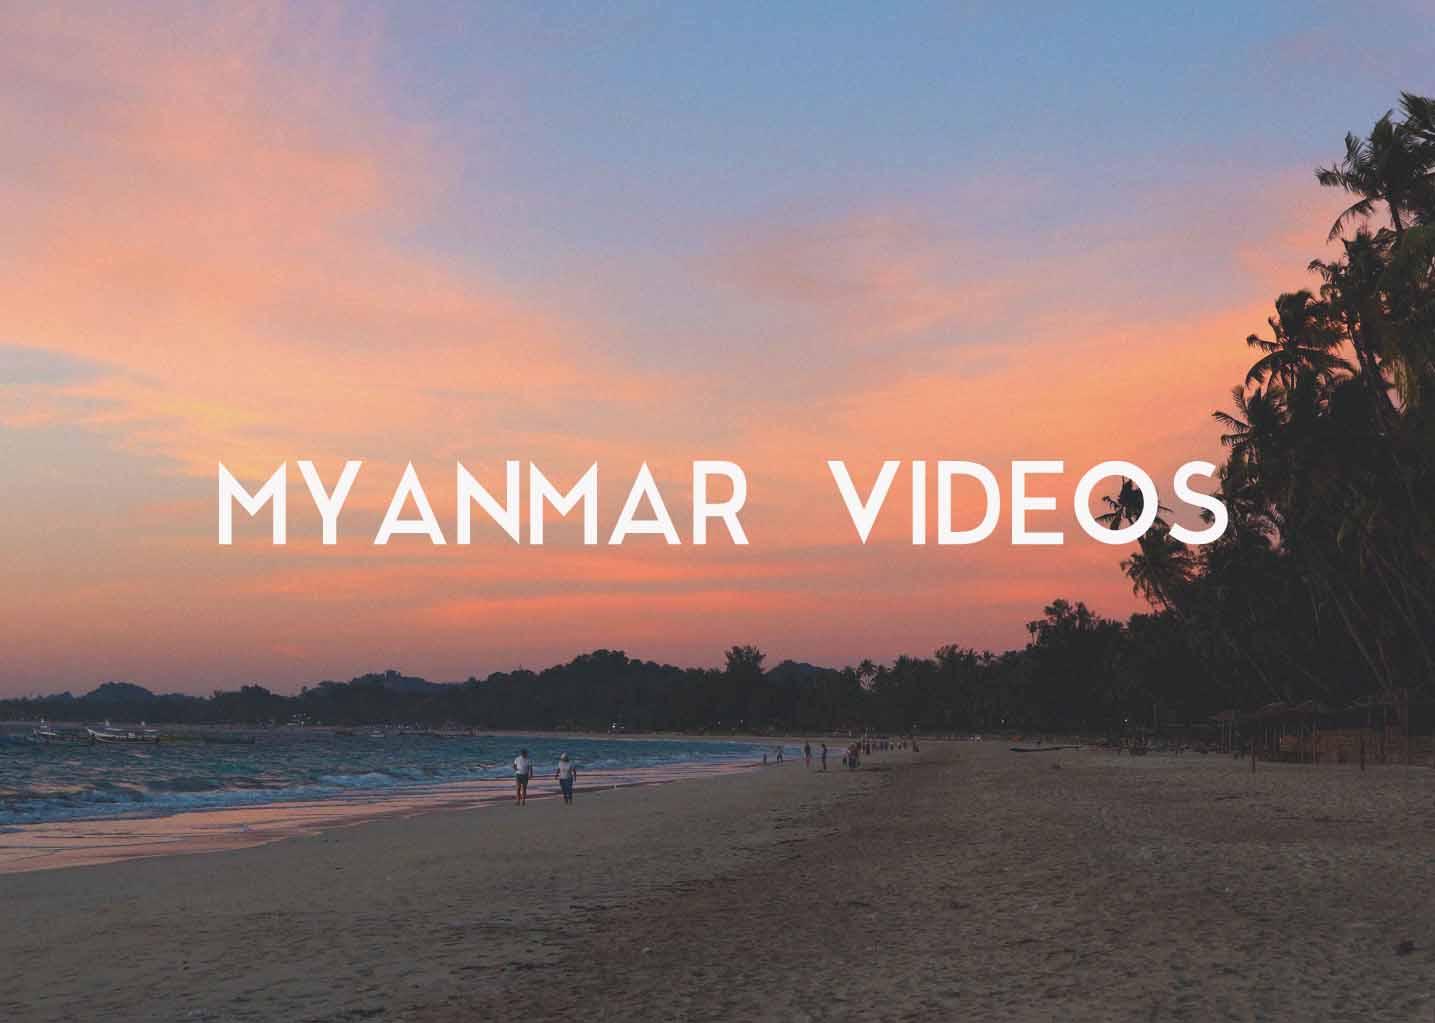 myanmar videos.jpg